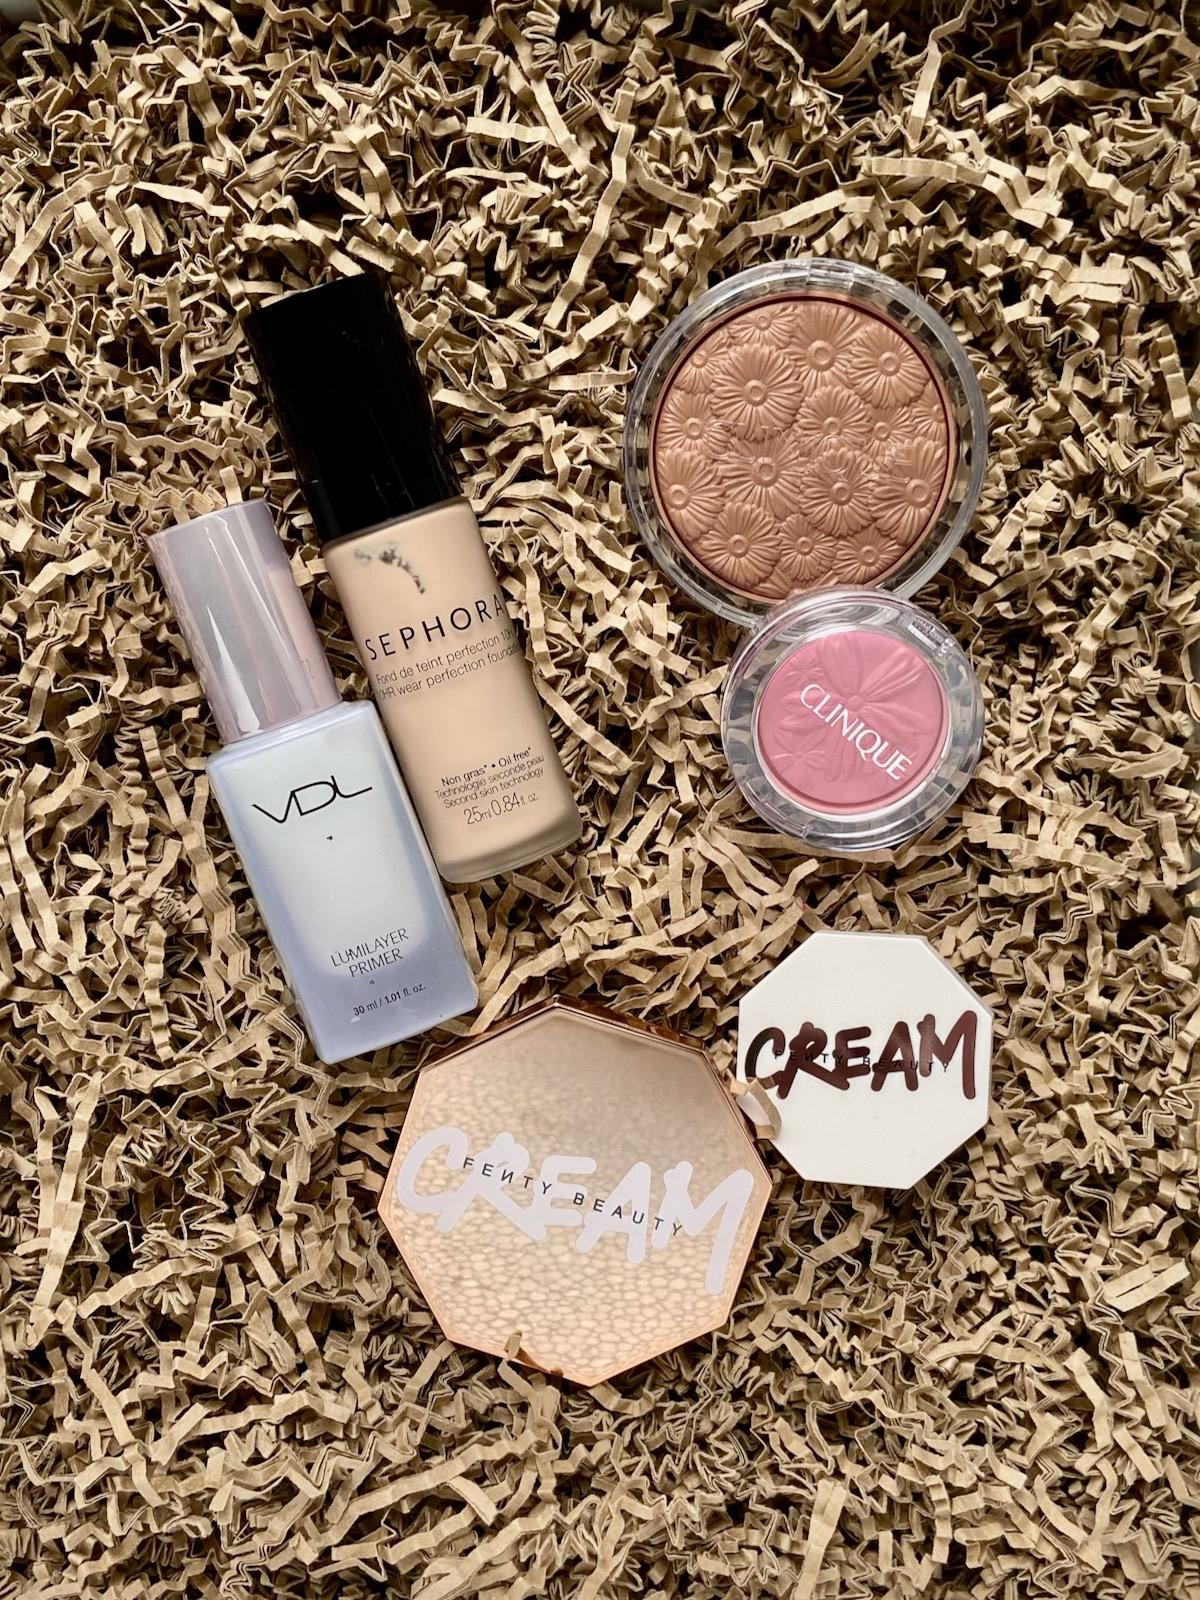 VDL Lumilayer Primer Sephora 10HR Foundation Clinique Poweder Bronzer Cheek Pop Fenty Beauty Ceram Blush Cream Bronzer